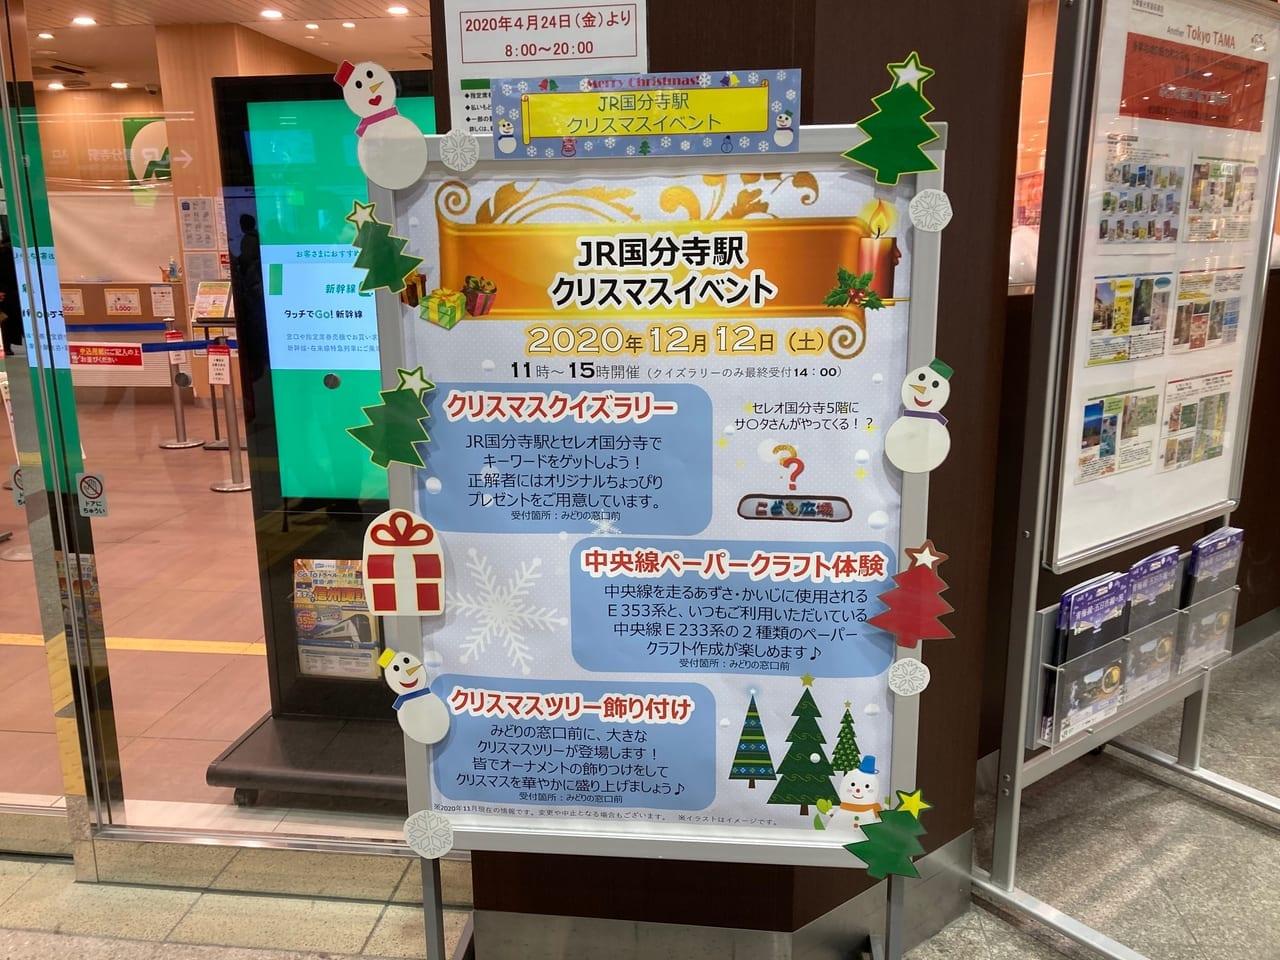 サ○タさんがやってくる!?12月12日(土)JR国分寺駅でクリスマスイベント!クイズラリーなど開催予定です。